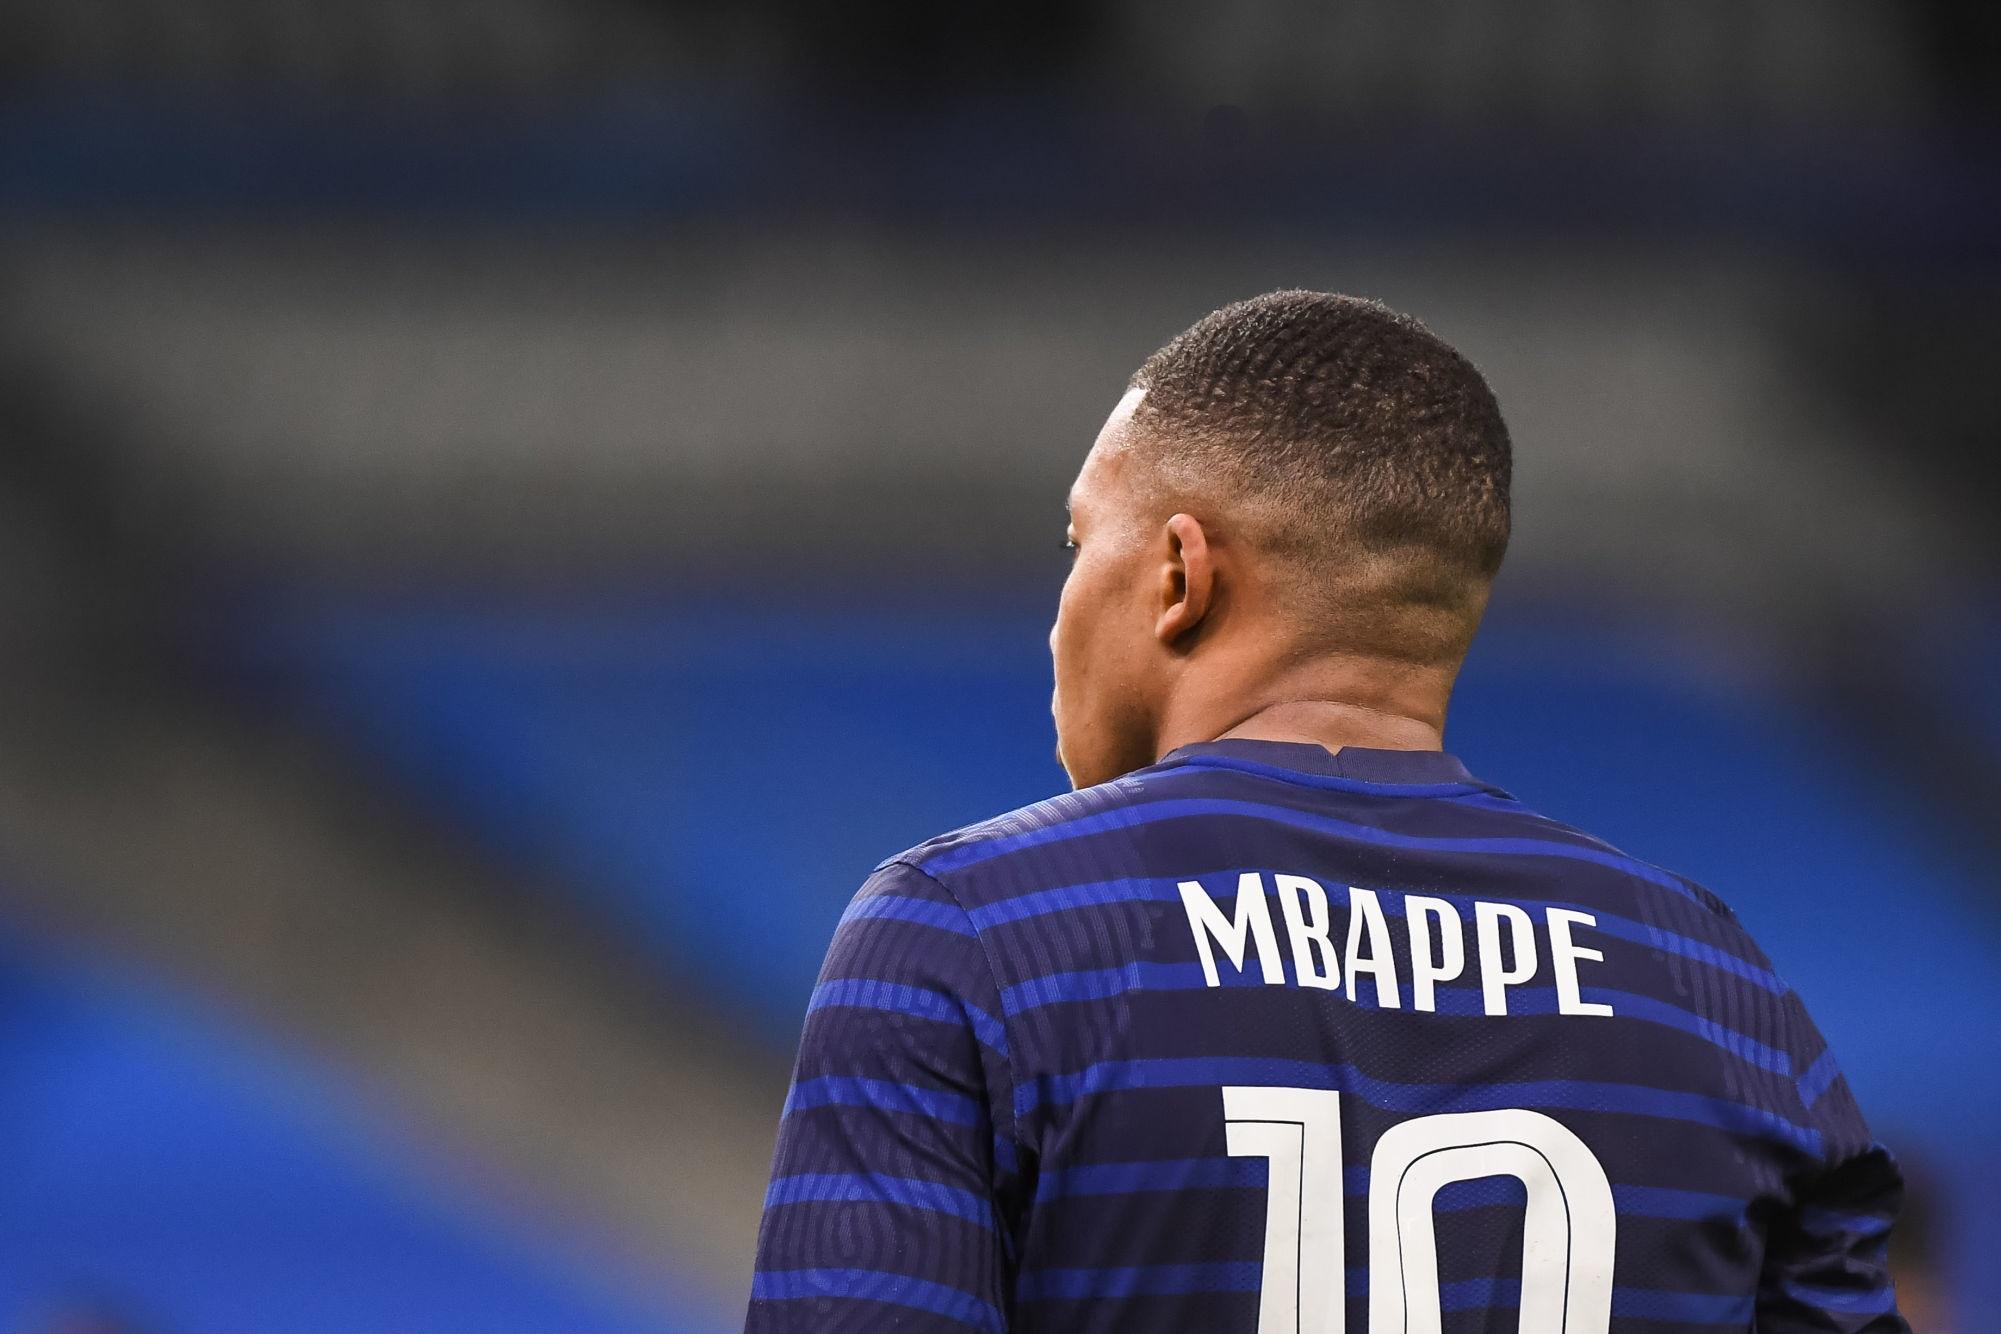 Mbappé et Kimpembe sont restés avec les kinés ce mardi, indique RMC Sport